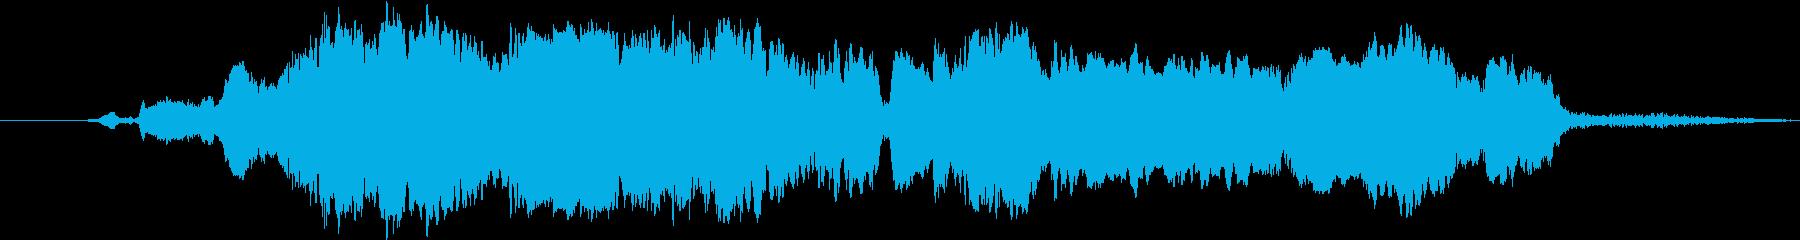 シャチのシャチ:鳴き声、クジラ、イルカの再生済みの波形